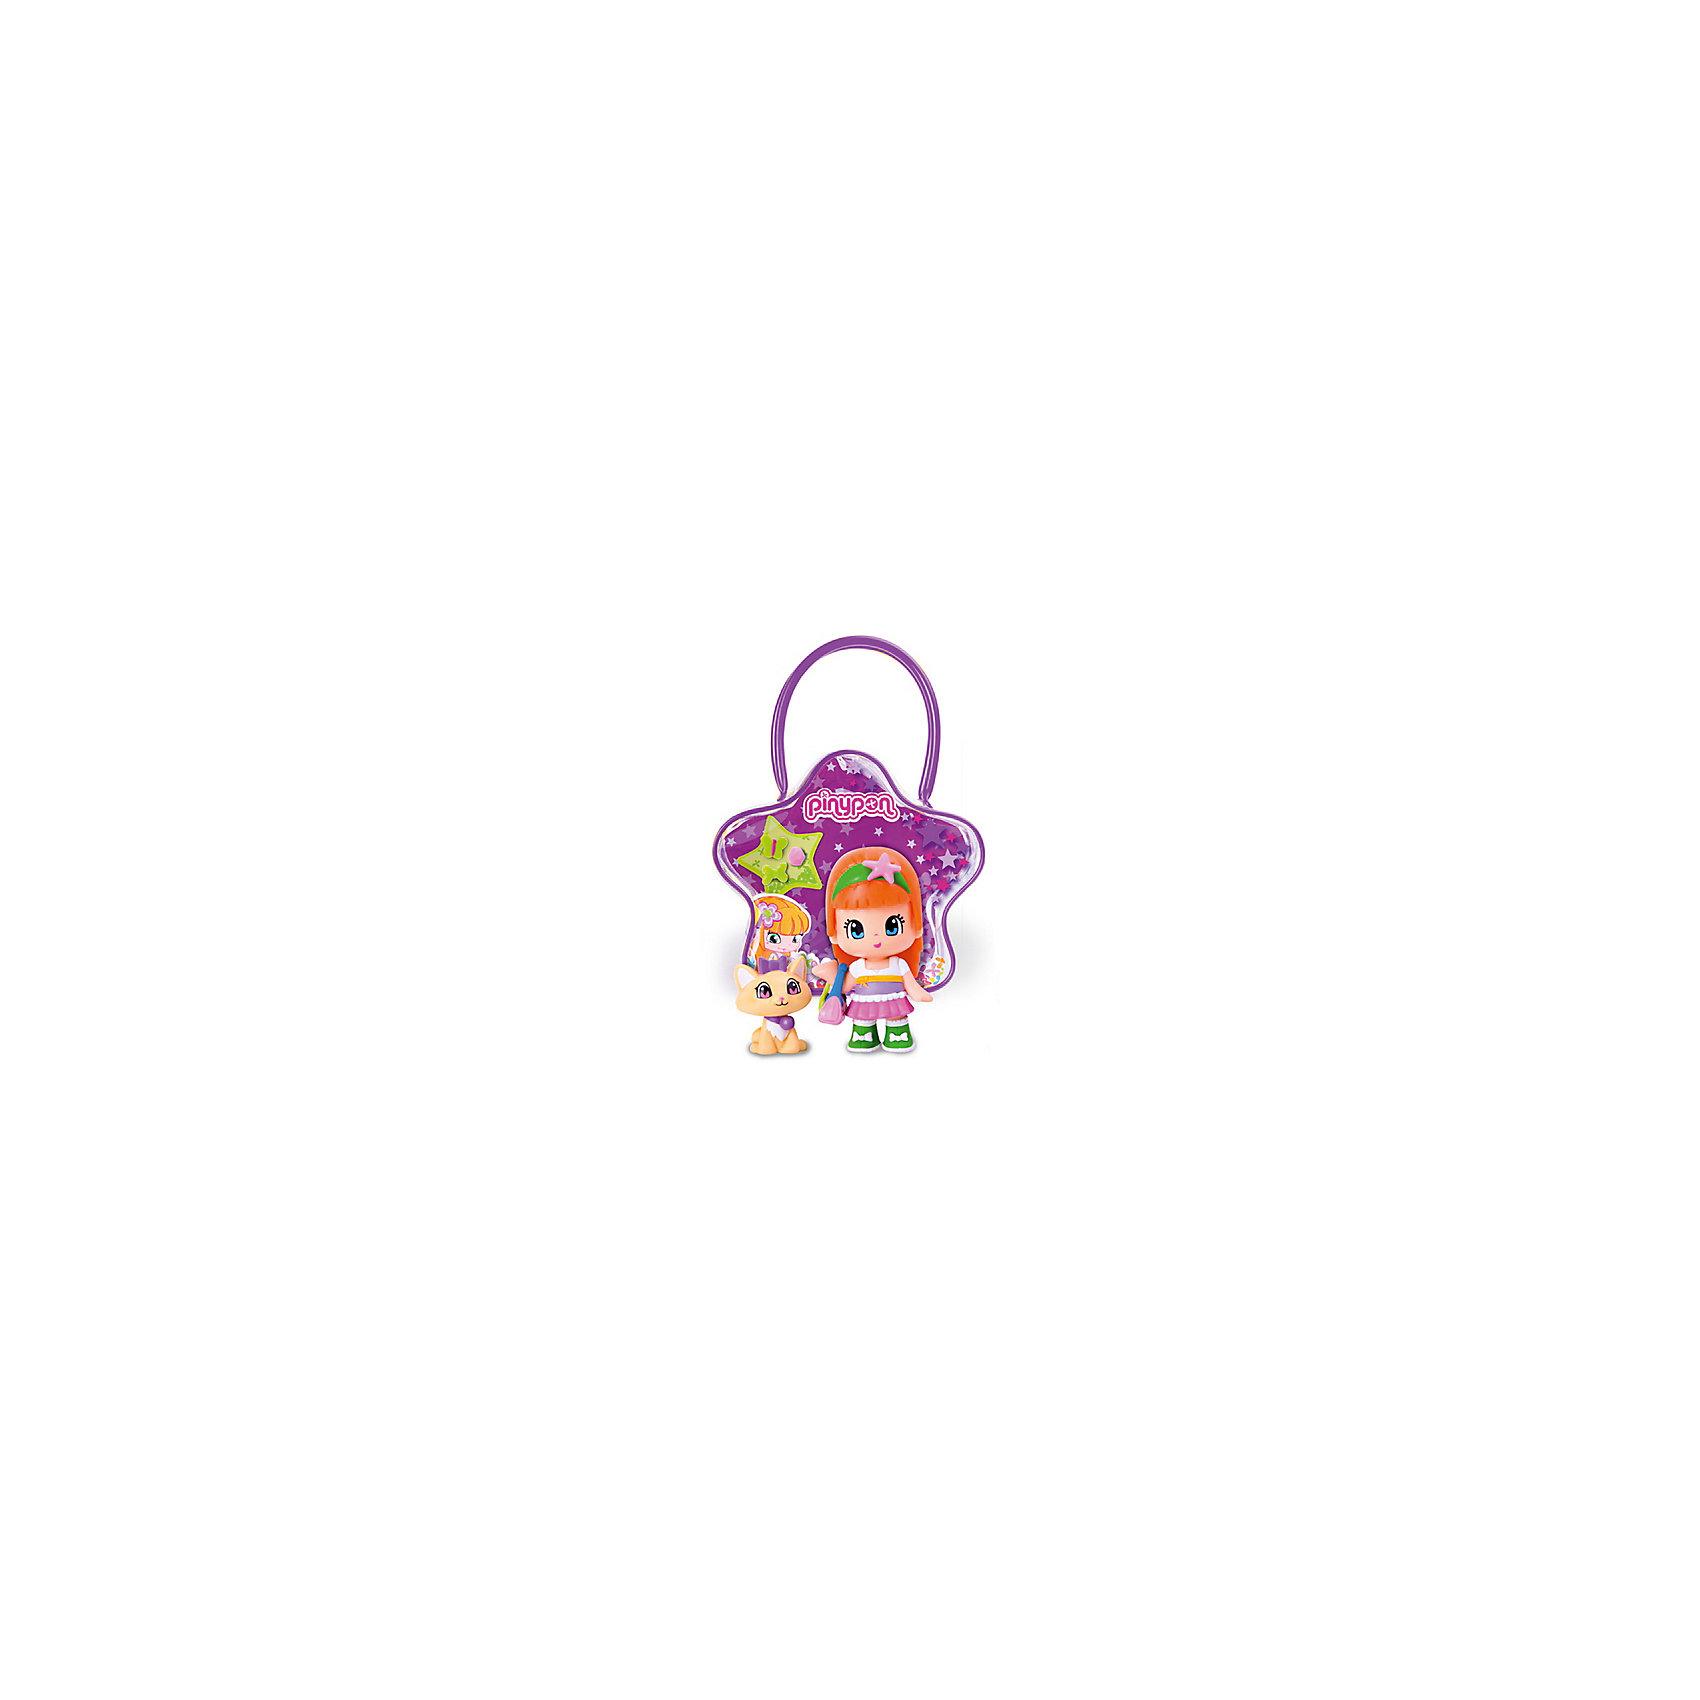 Кукла Пинипон с оранжевыми волосами кошечкой в сумочке, Famosa 5115718